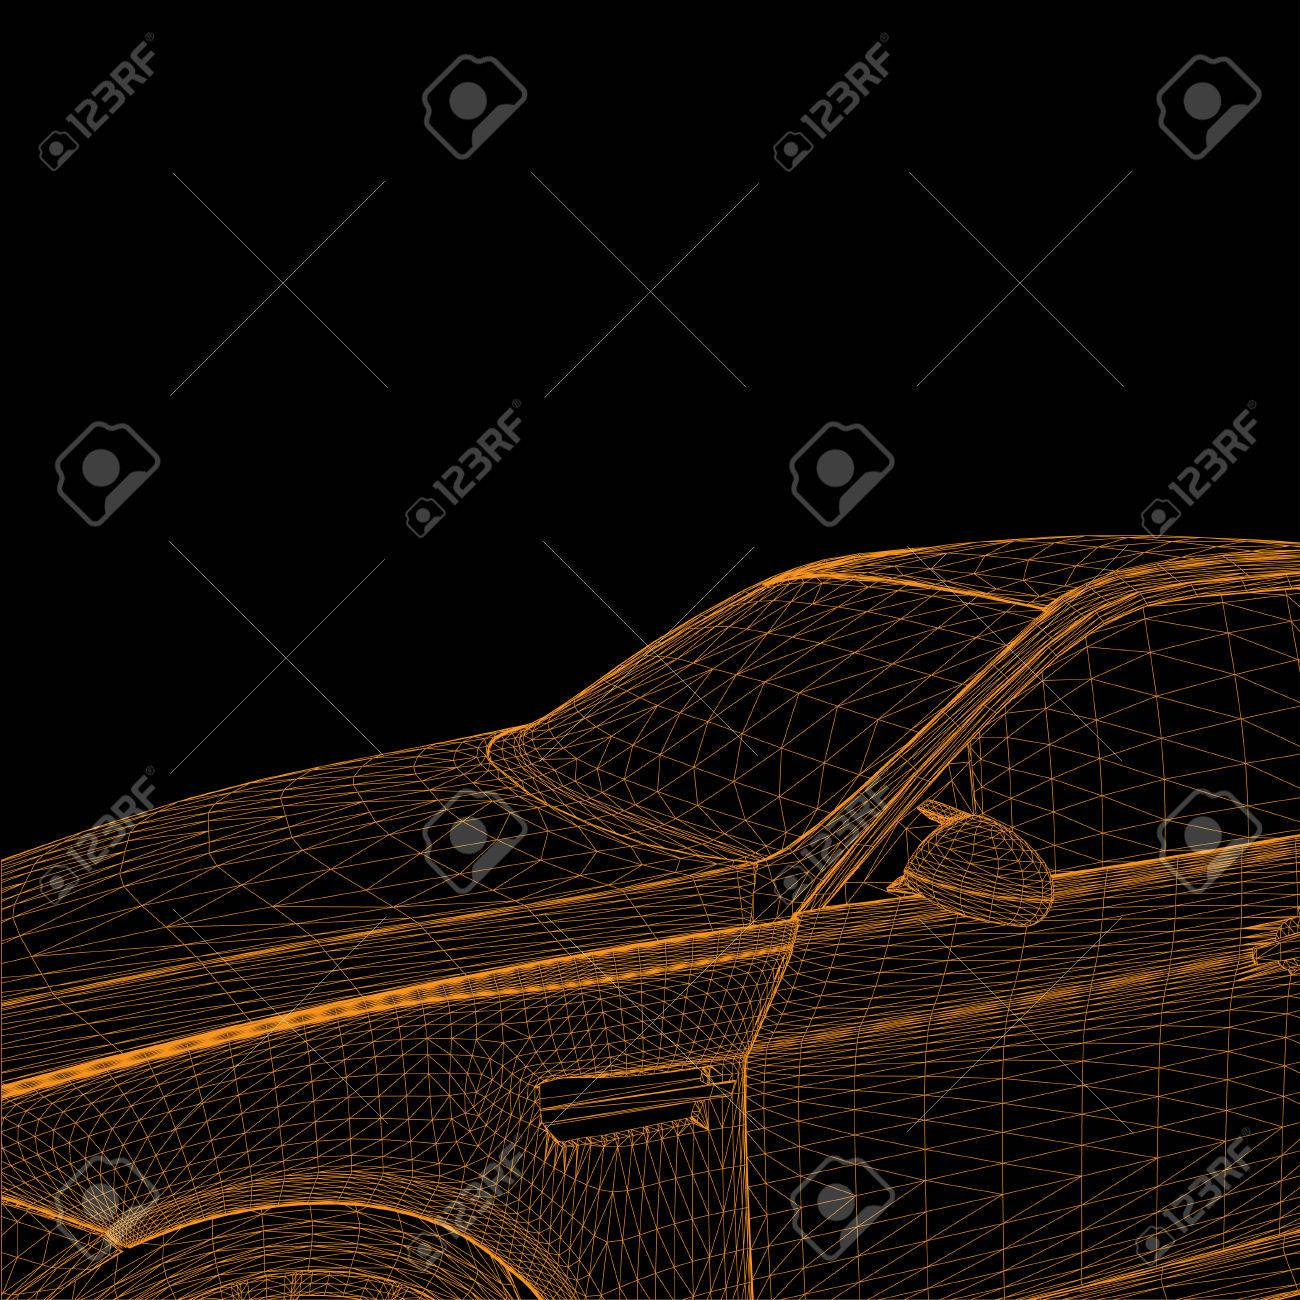 wireframe car - 23079722